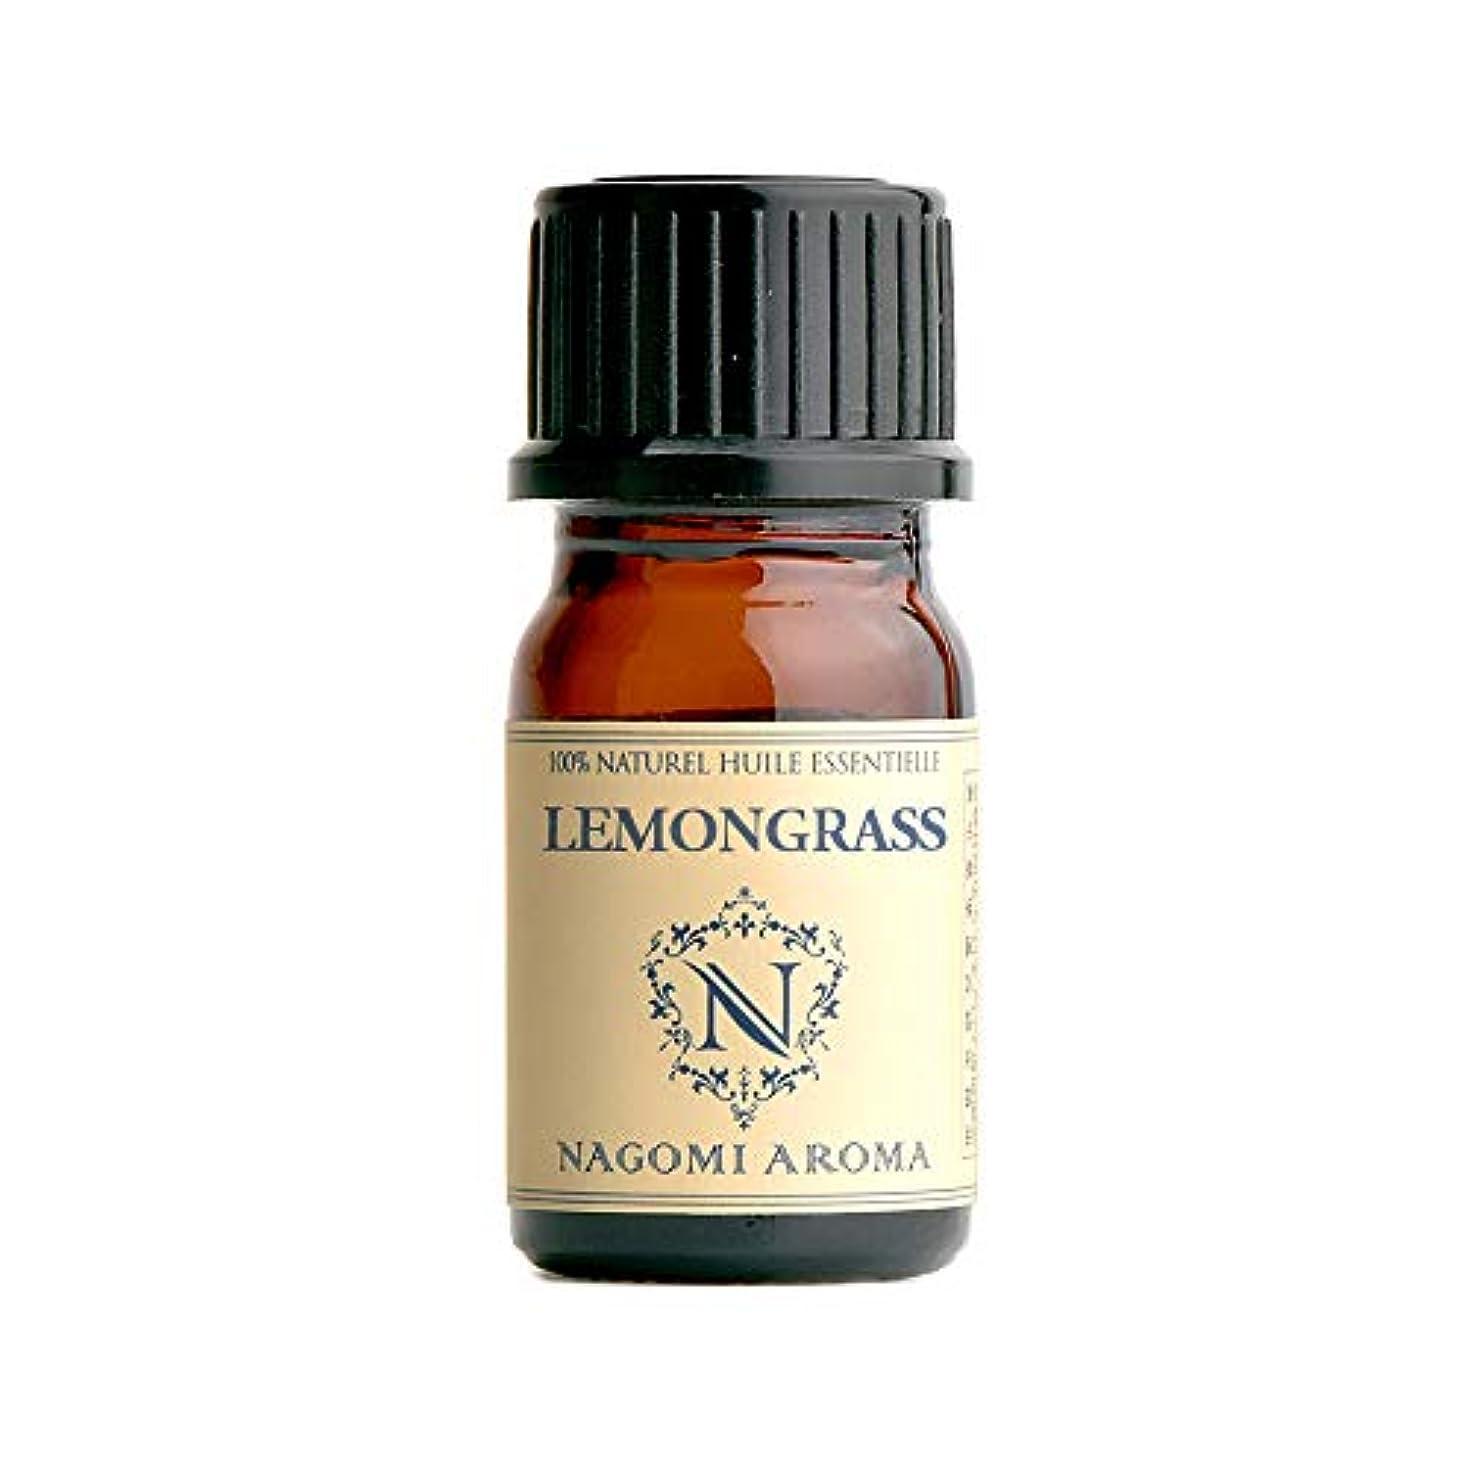 ブレス折り目どきどき【AEAJ認定表示基準認定精油】NAGOMI PURE レモングラス 5ml 【エッセンシャルオイル】【精油】【アロマオイル】|CONVOILs